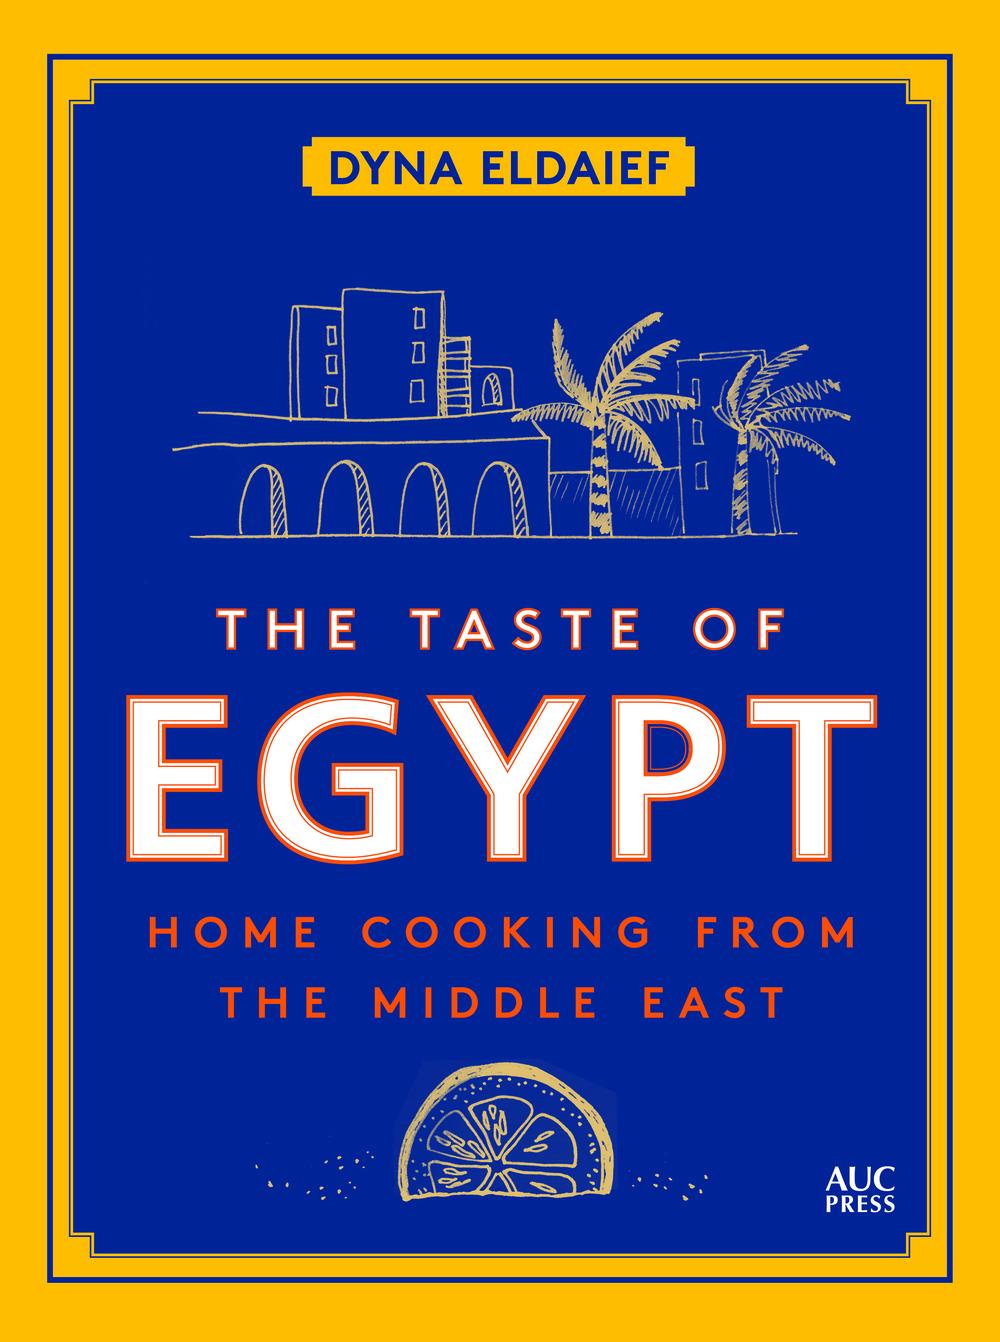 the taste of egypt fb 100915.jpg